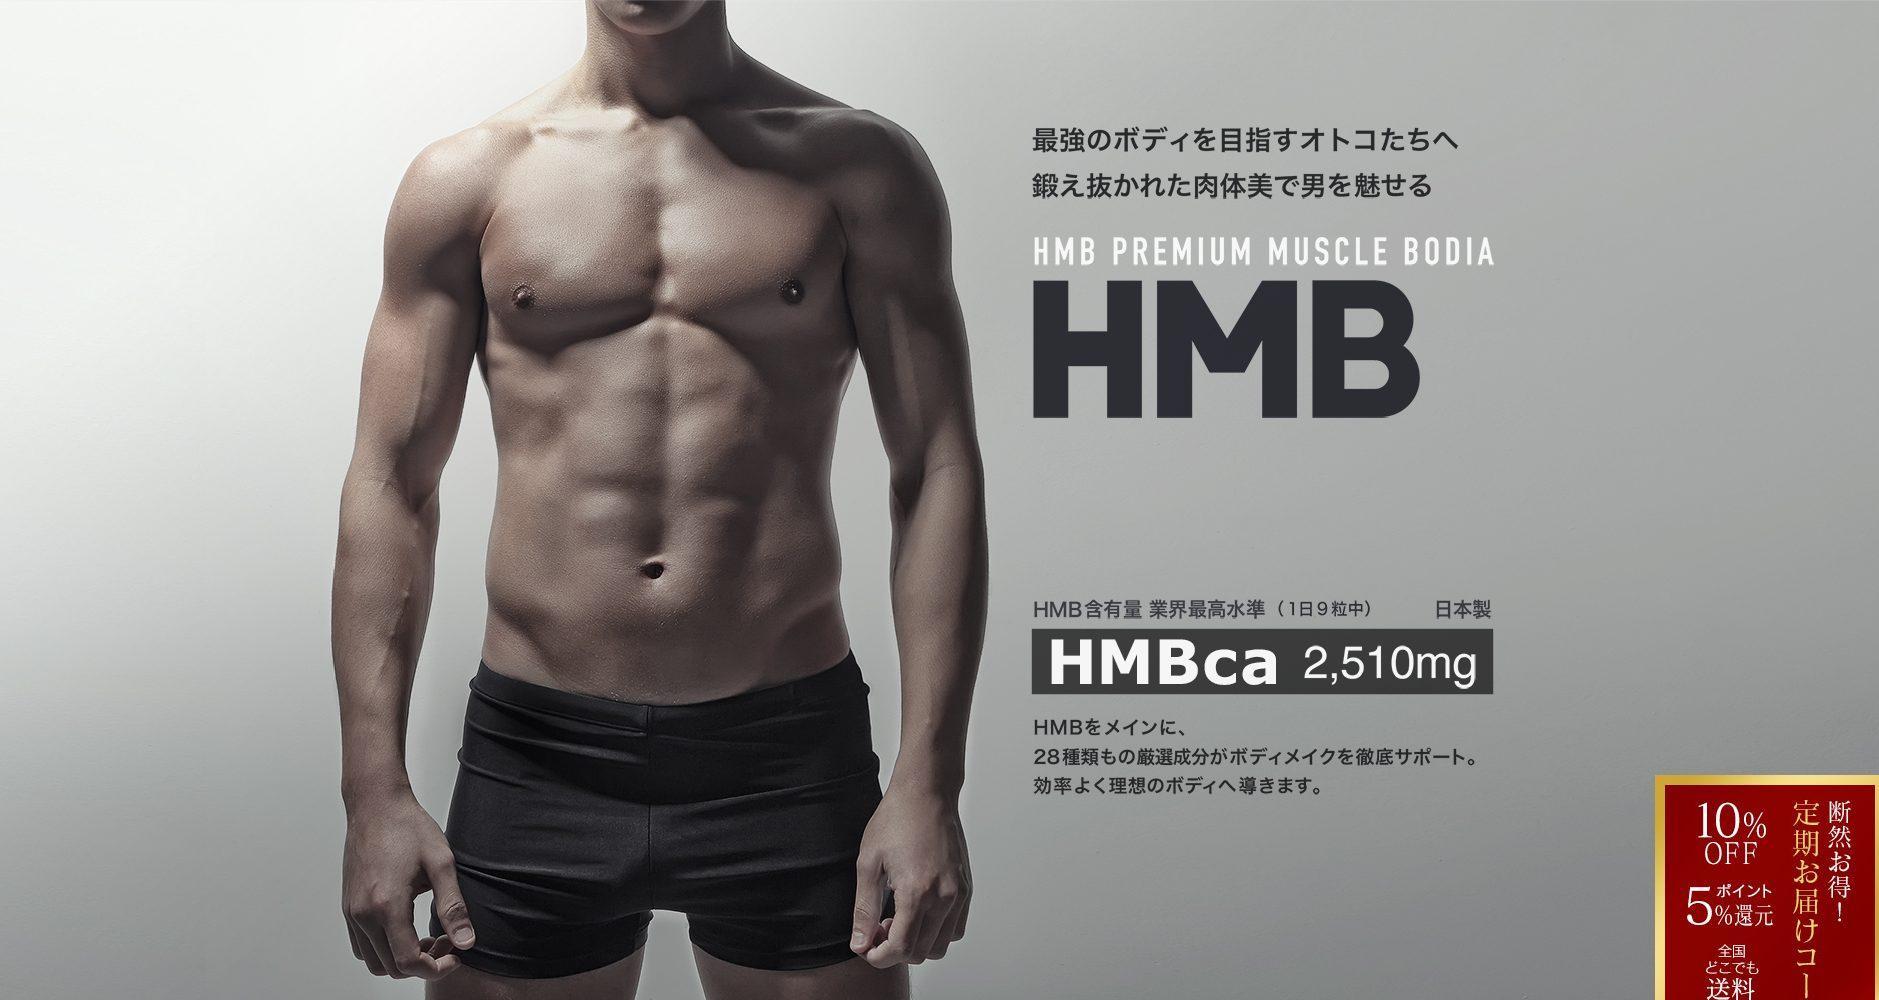 Hmb 効果 マッスル ビルド